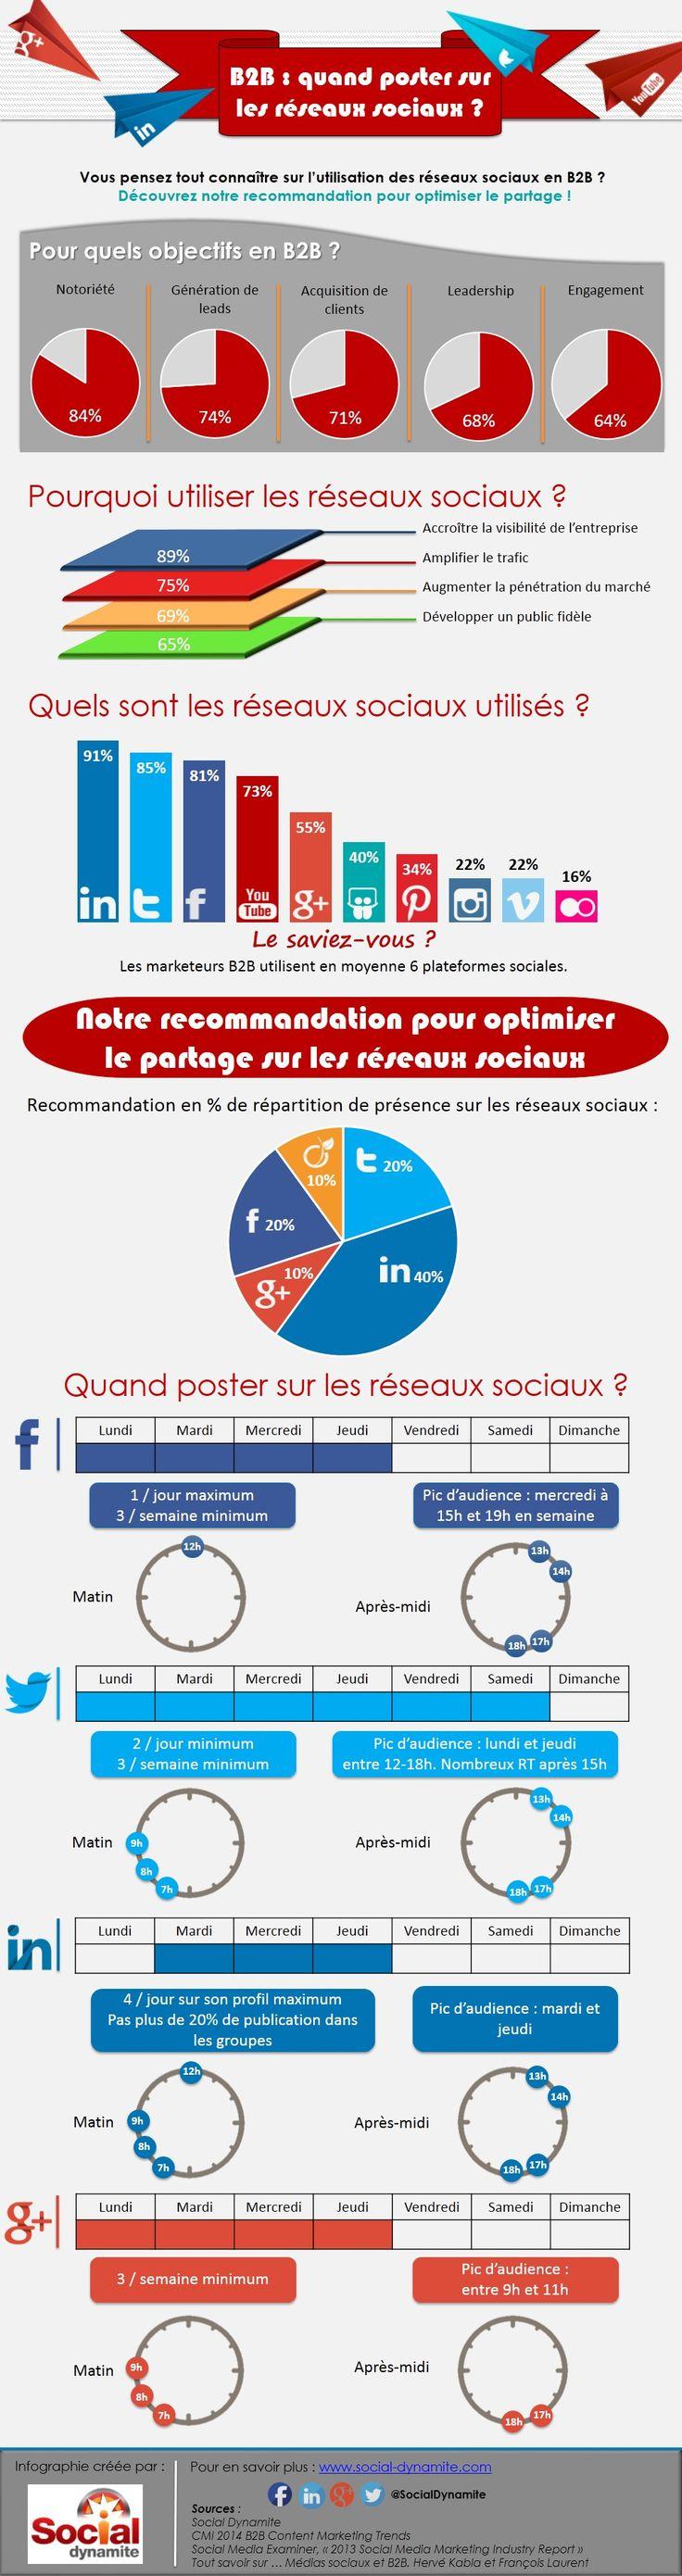 Info Magazine: Quand poster sur les réseaux sociaux ? [infographie]